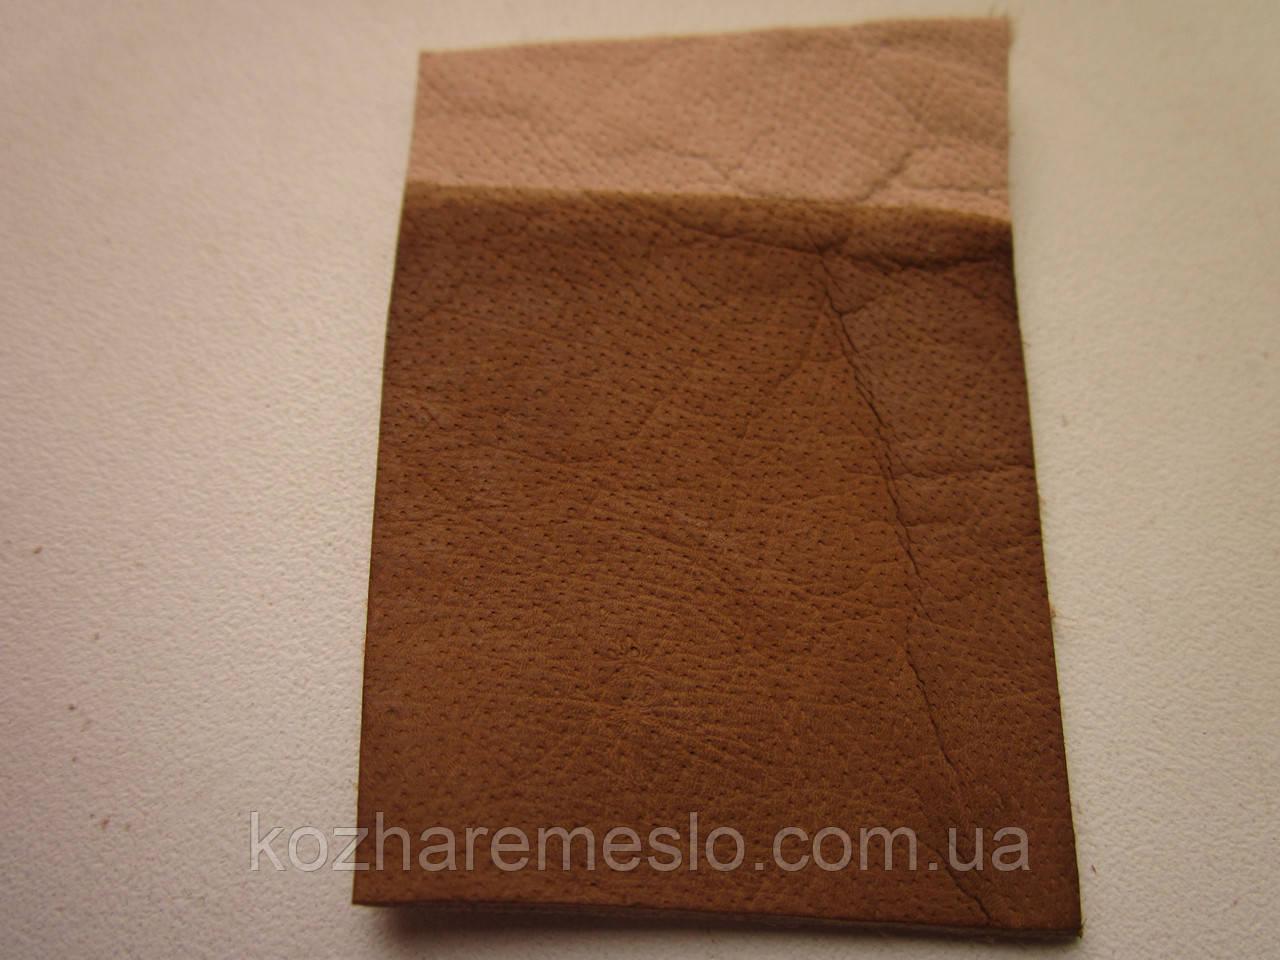 Краска для кожи спиртовая TOLEDO SUPER 50мл дерево (средне - коричневая)